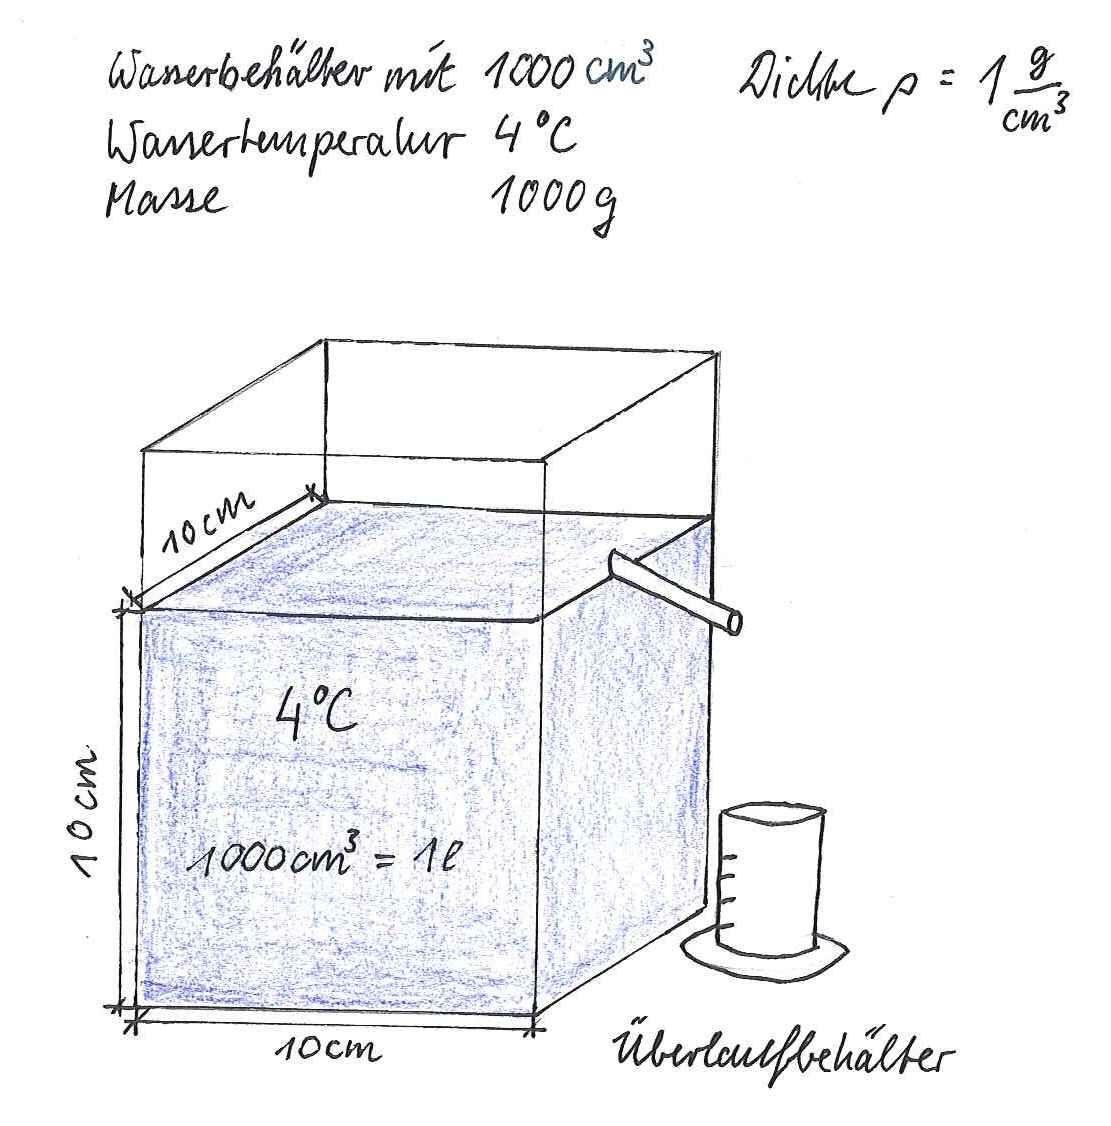 die dichte des wassers betr gt bei 4 c 1 g cm das hei t. Black Bedroom Furniture Sets. Home Design Ideas